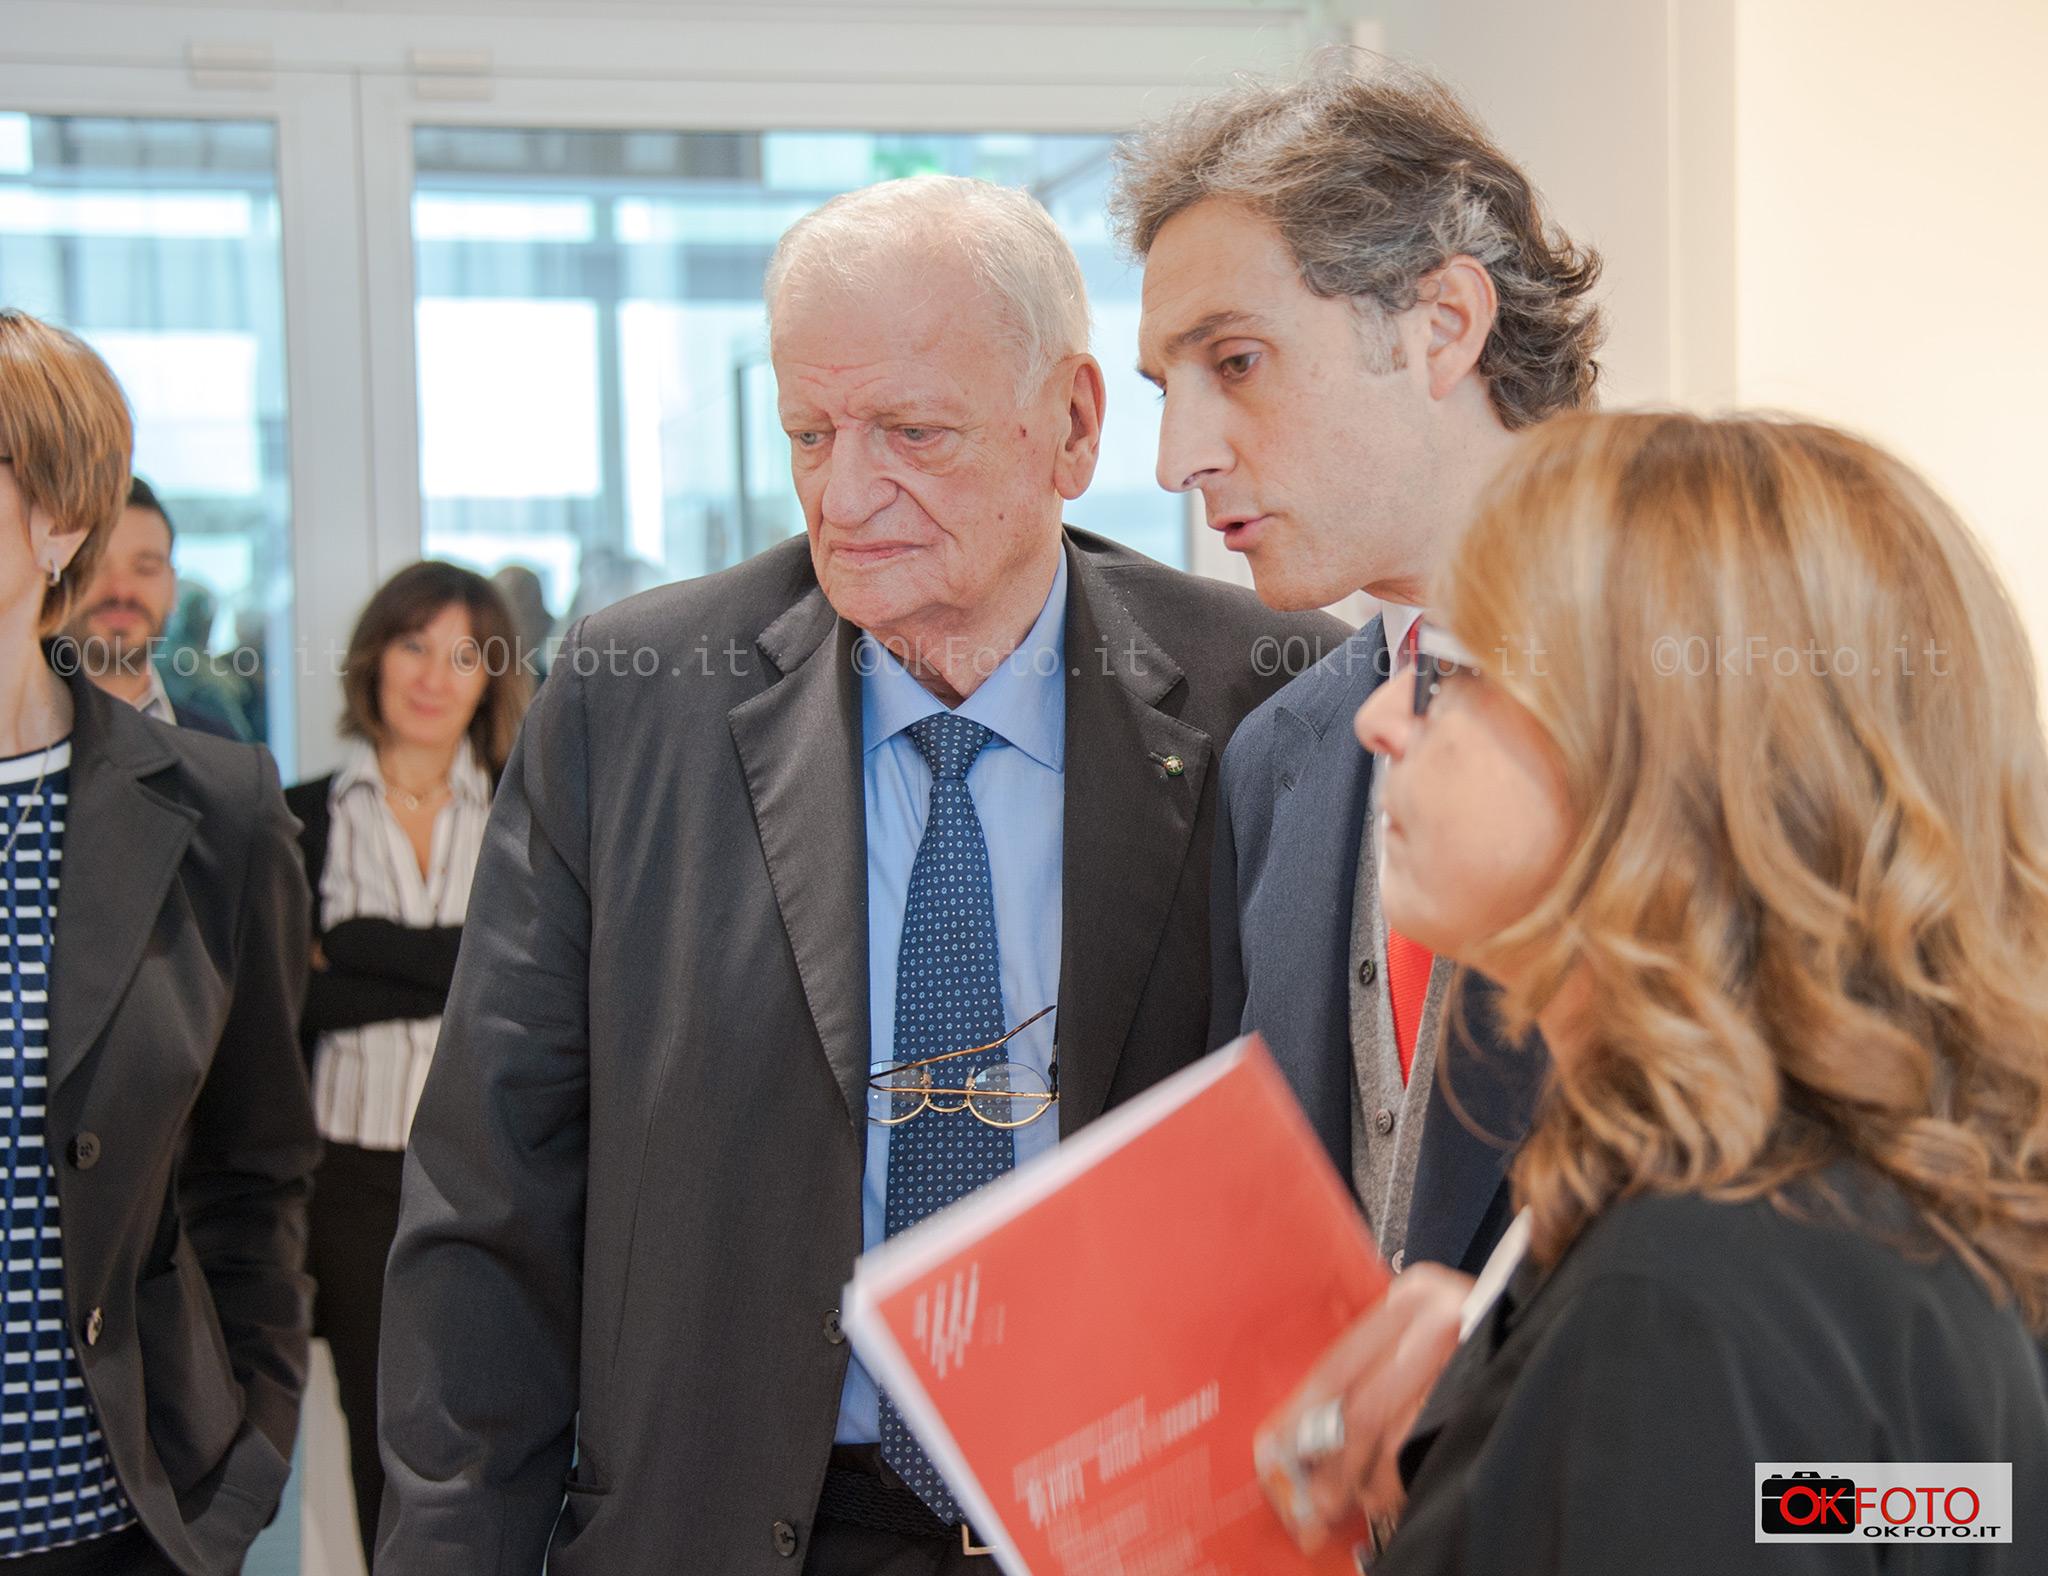 Enrico Salza e Michele Coppola alla inaugurazione di Punctum